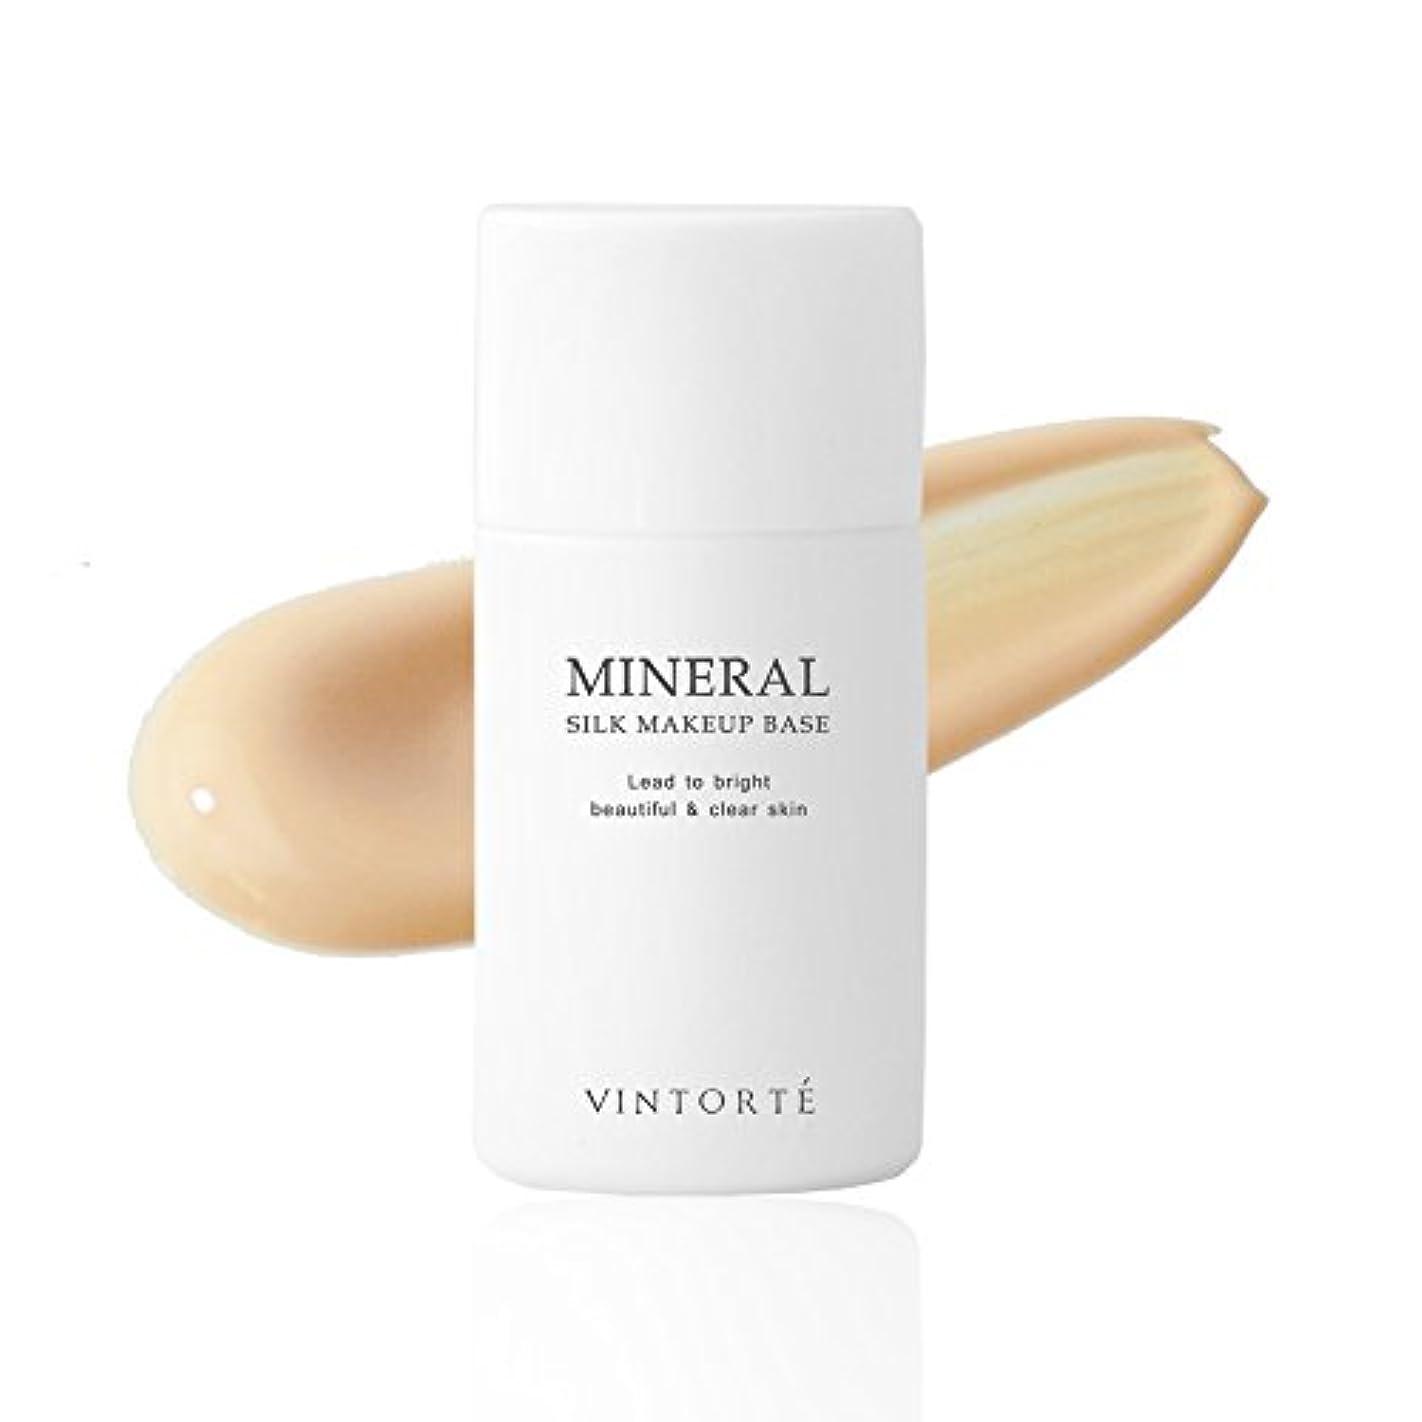 逃れる致命的細菌VINTORTE ミネラル シルク メイクアップベース ヴァントルテ 化粧下地 CC クリーム ベースメイク #01 v_mmb2-1